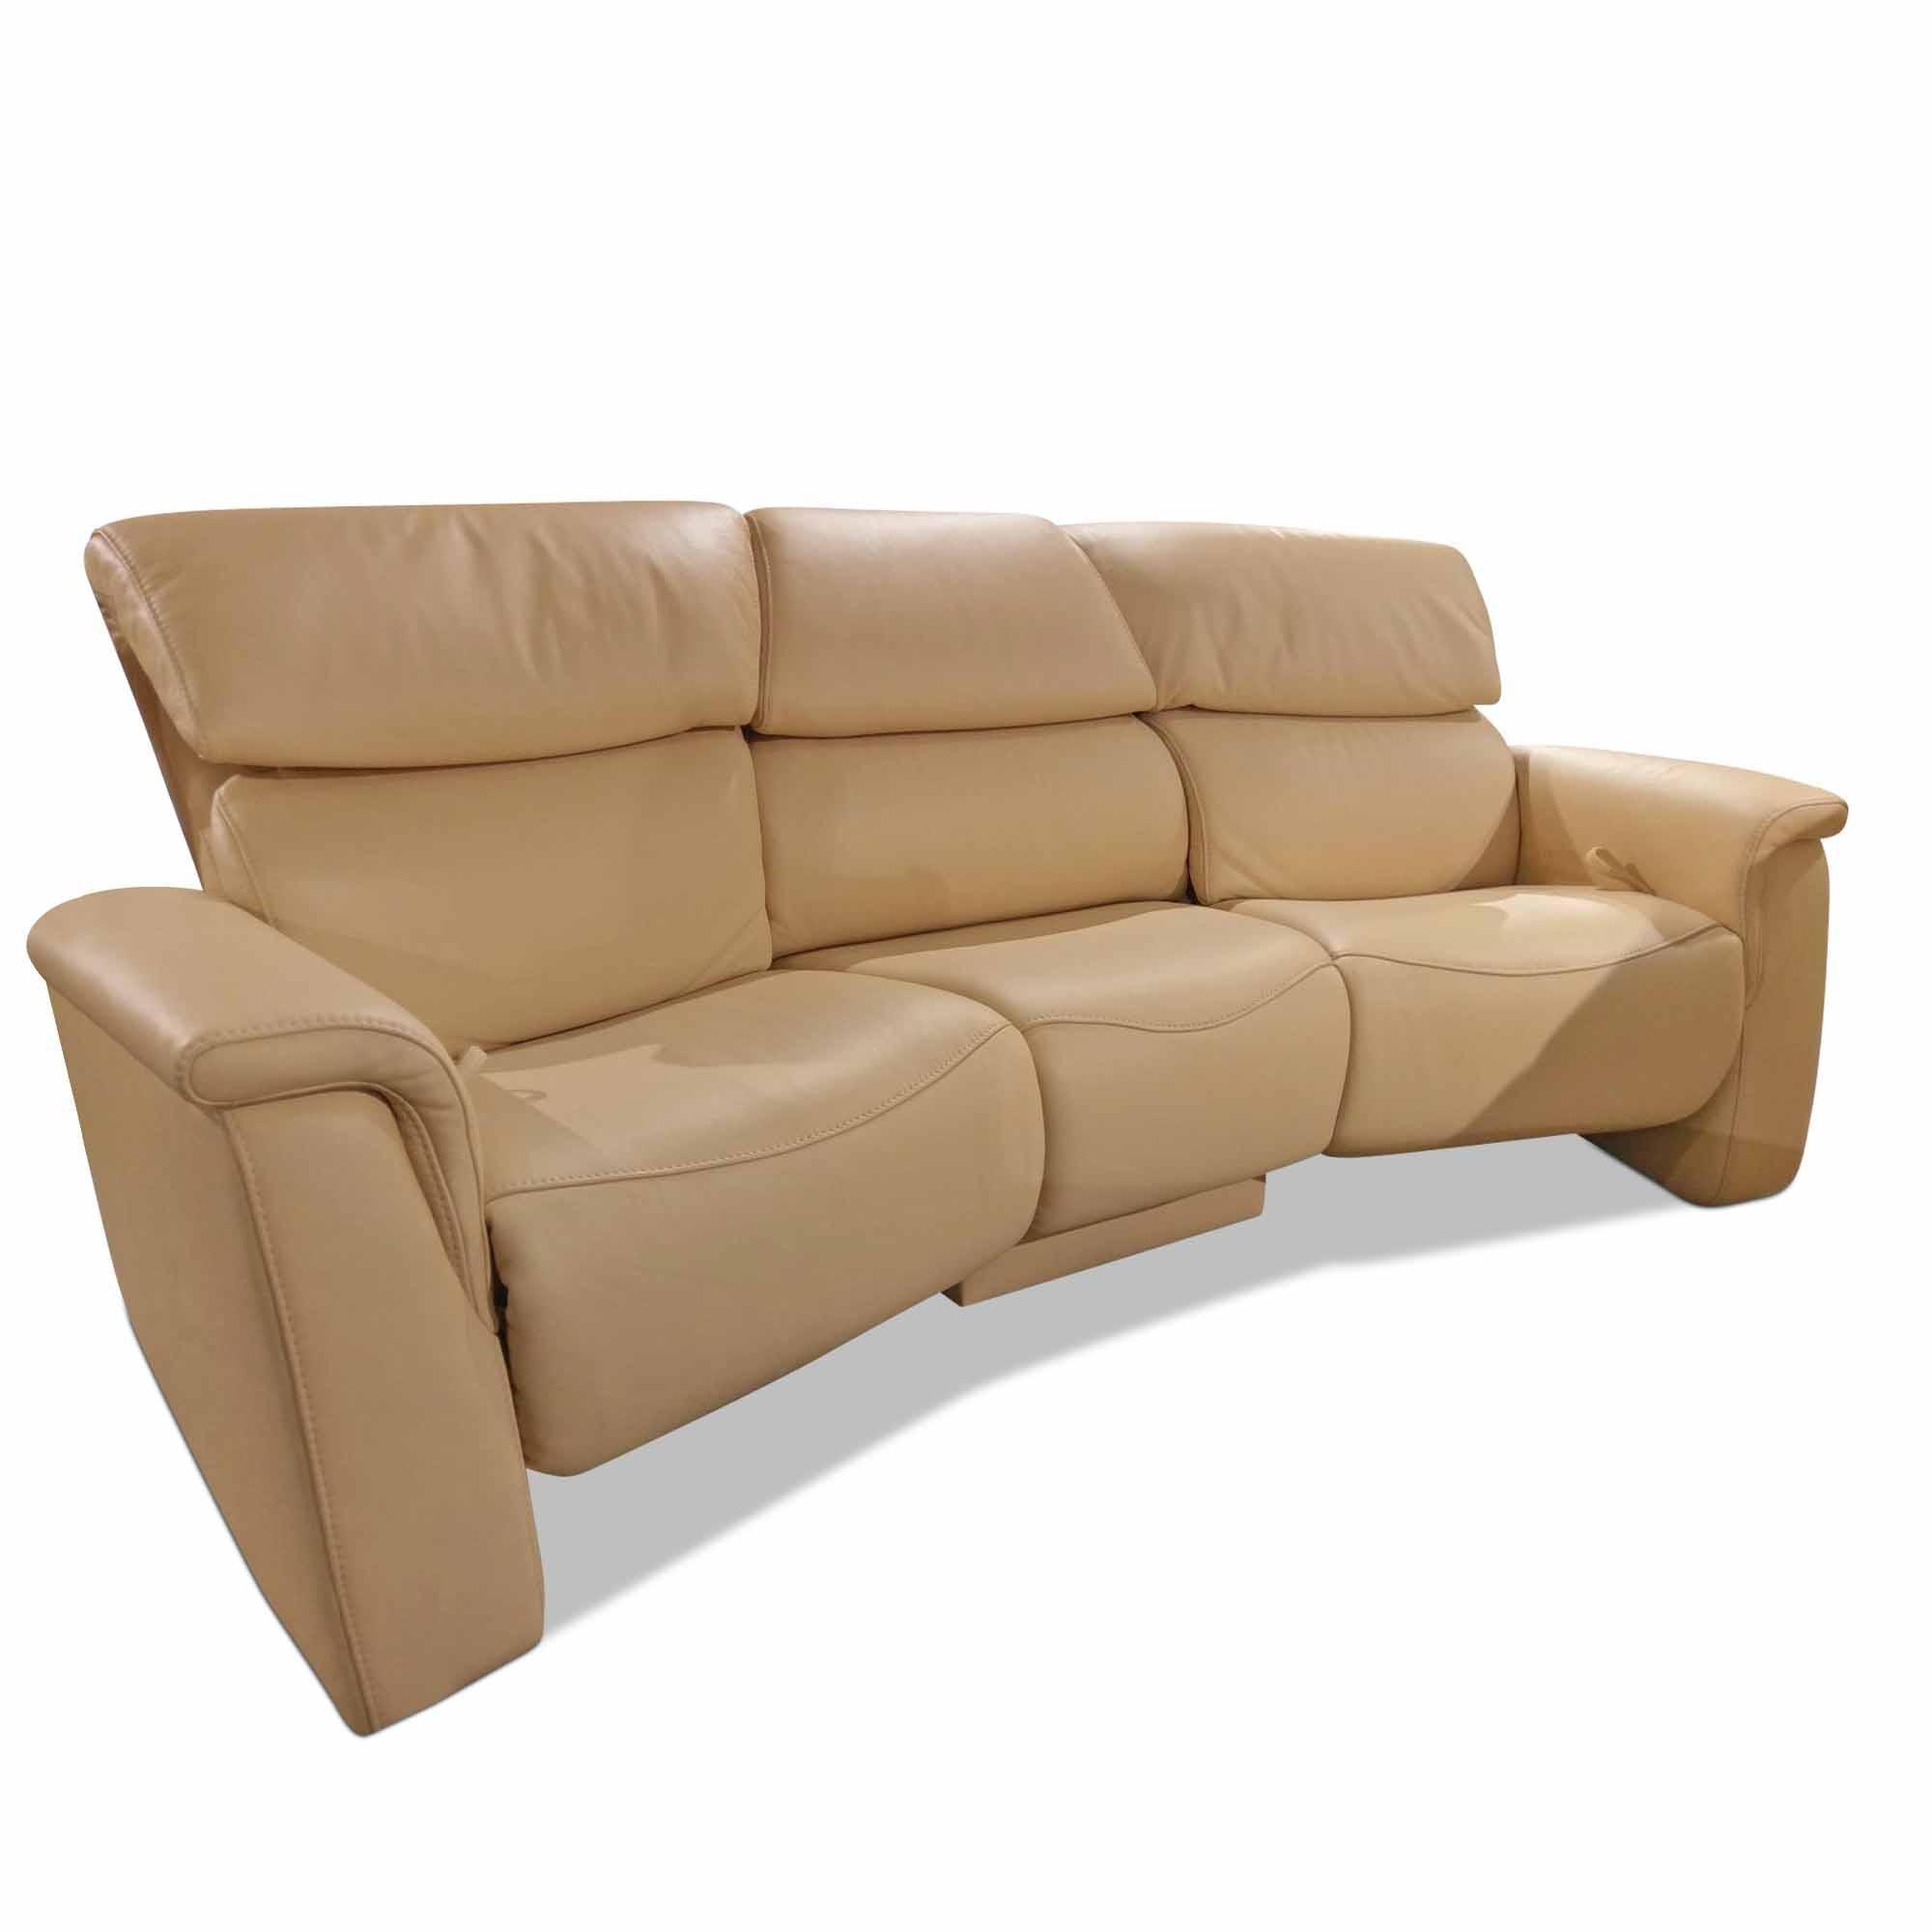 Exquisit Sofa Mit Verstellbarer Rückenlehne Galerie Von 4203 (mit Rückenlehne) – Himolla – Sofas